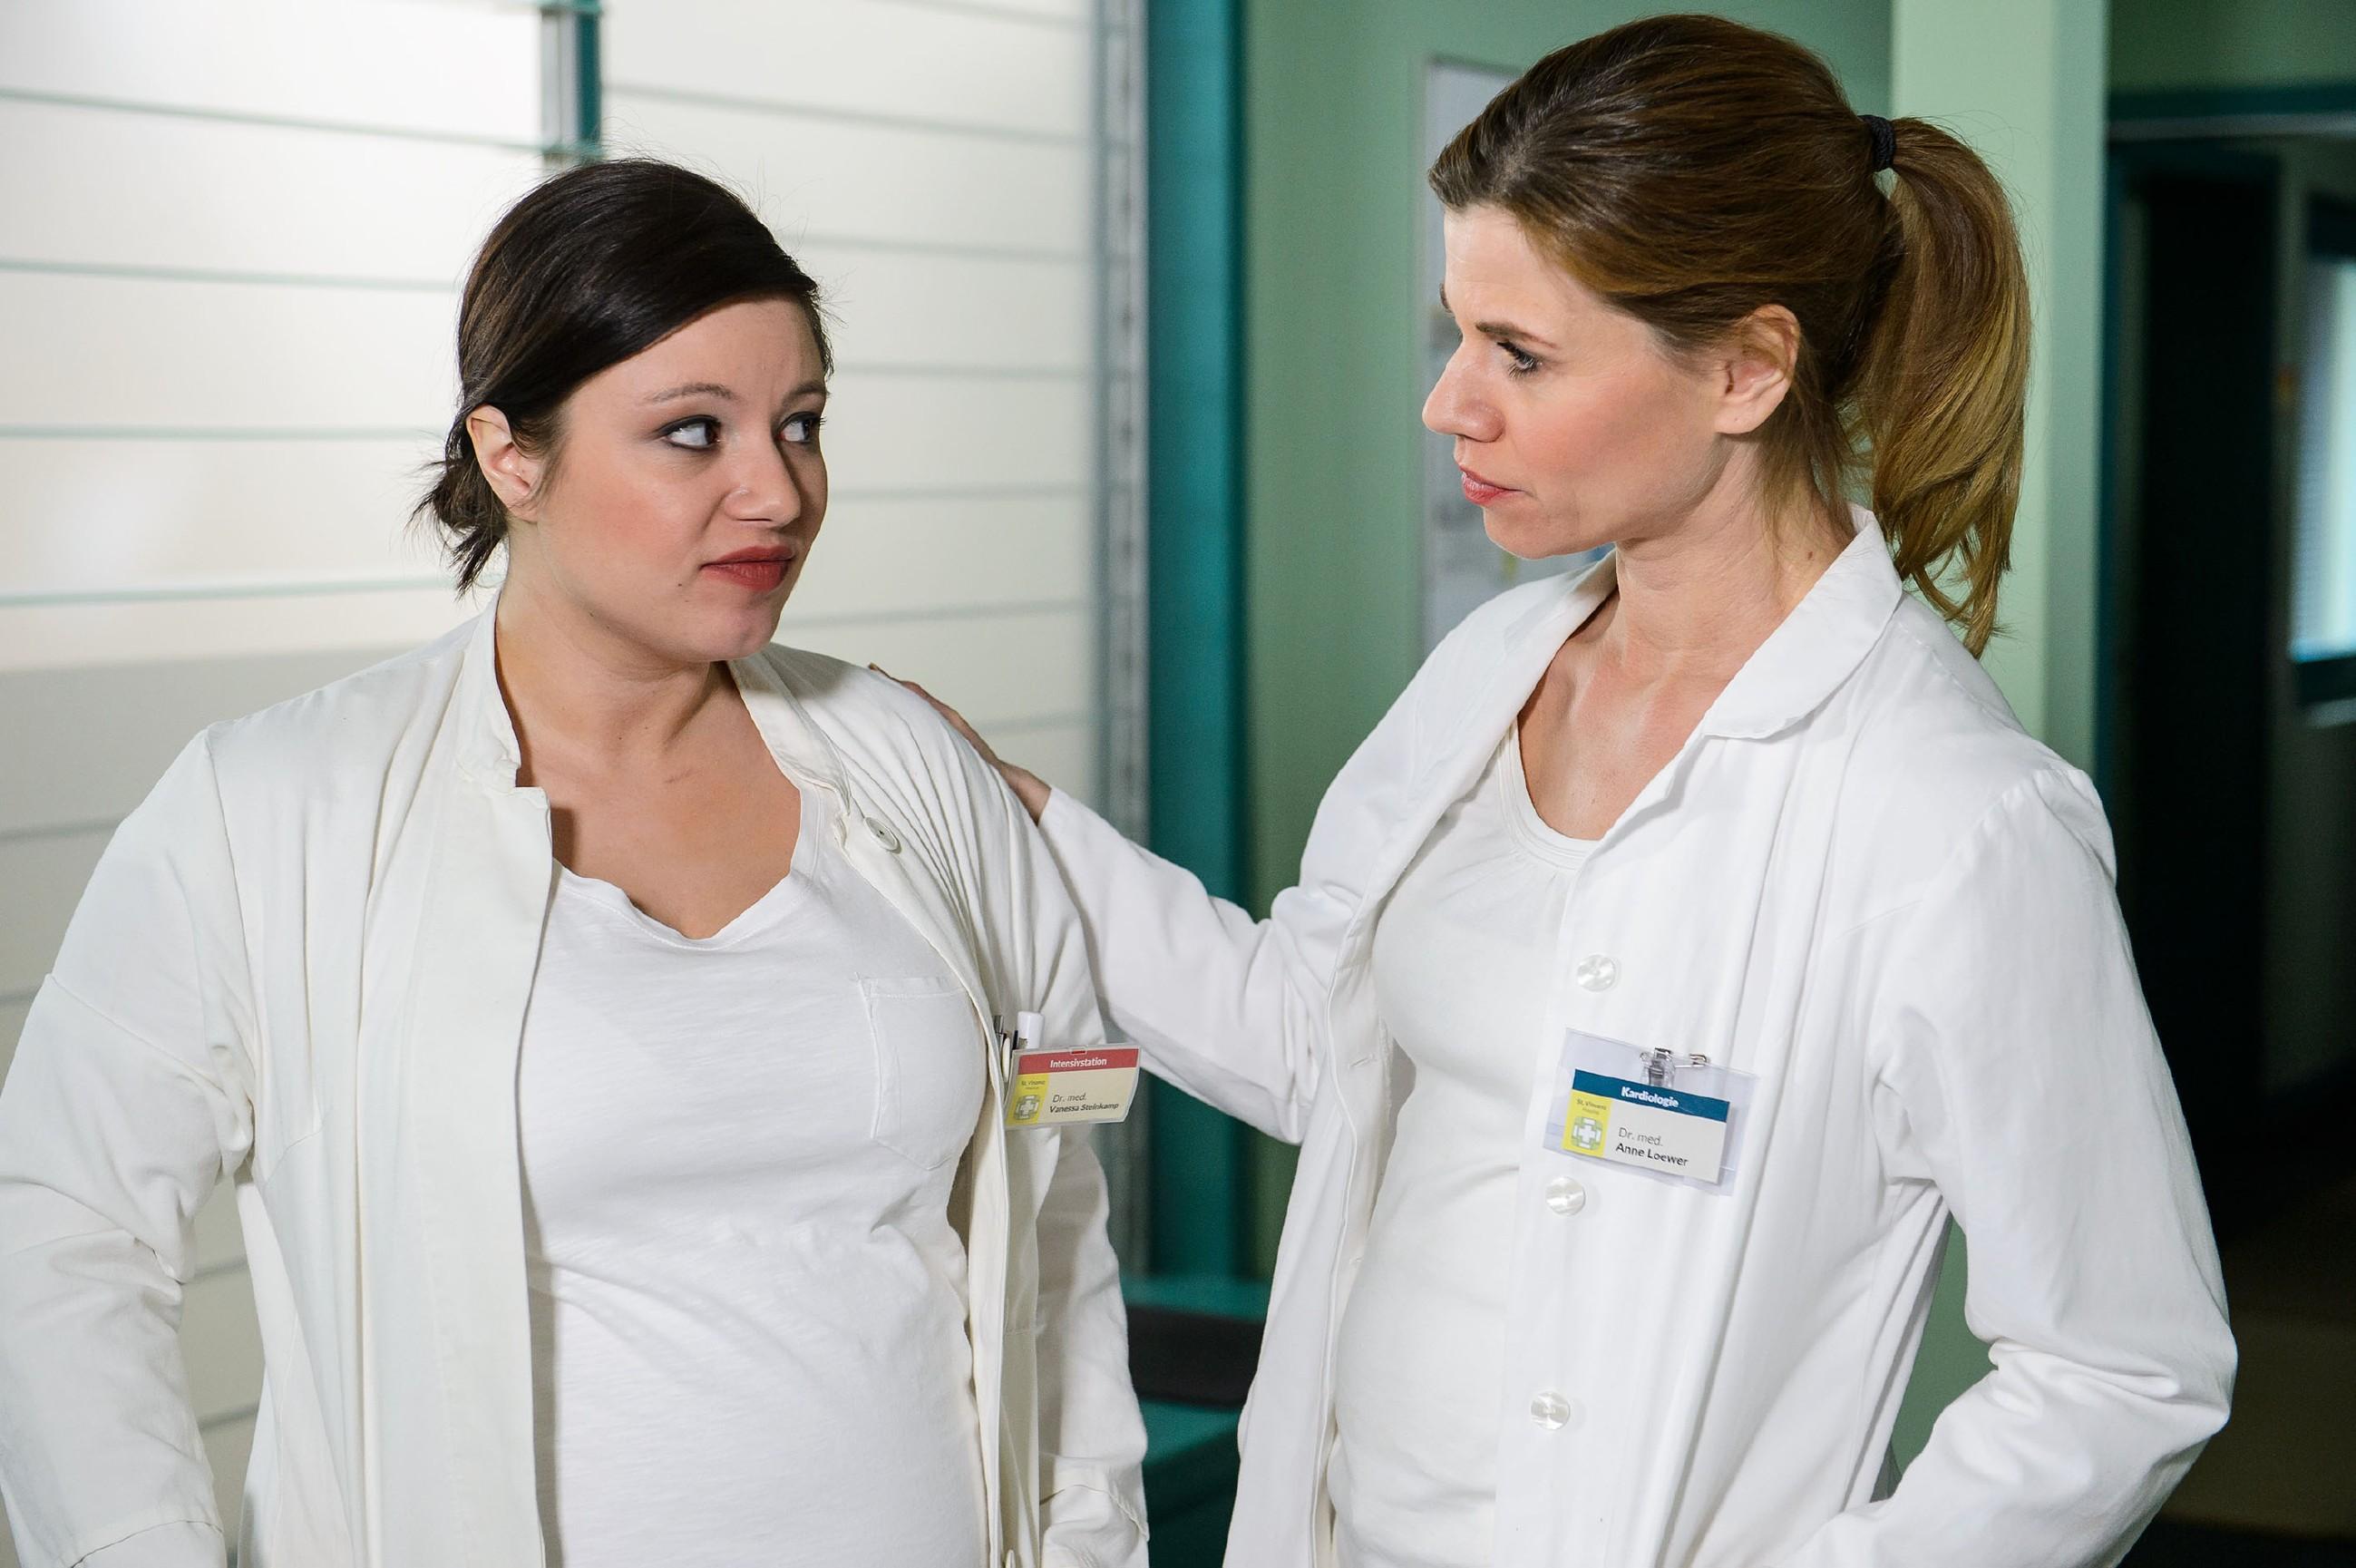 Als Vanessa (Julia Augustin, l.) bei der Arbeit plötzlich wieder flau im Magen wird, konfrontiert Anne (Alexandra Seefisch) sie mit einer unbequemen Frage... (Quelle: RTL / Willi Weber)